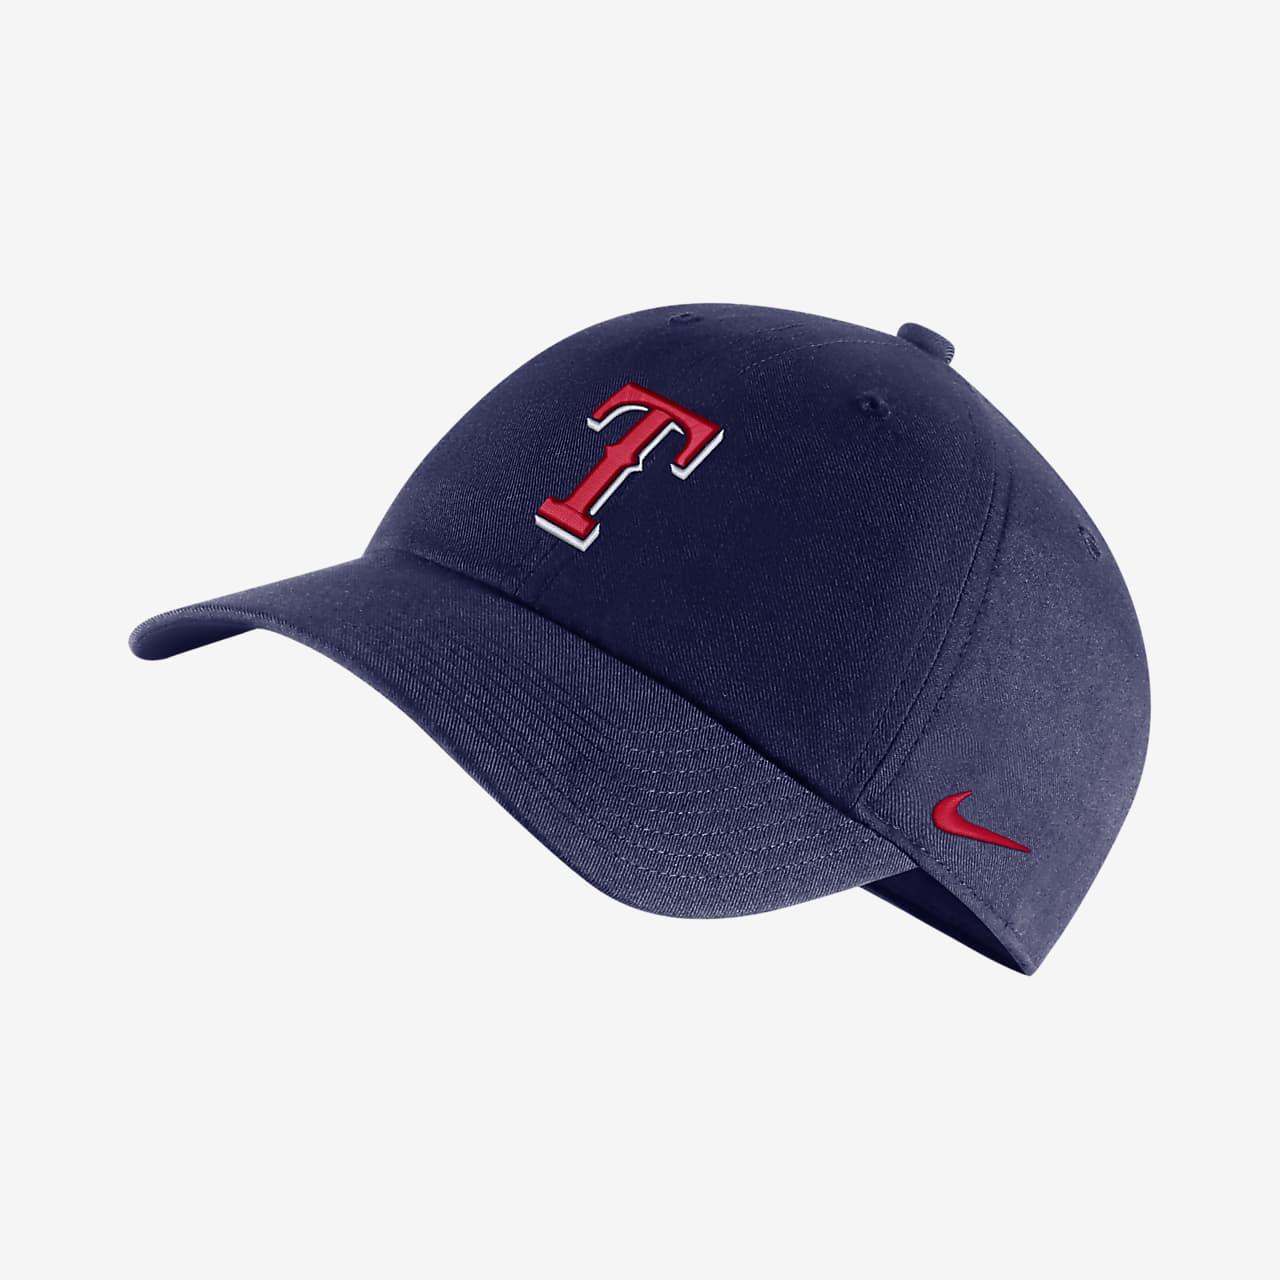 Nike Heritage86 (MLB Rangers) Adjustable Cap